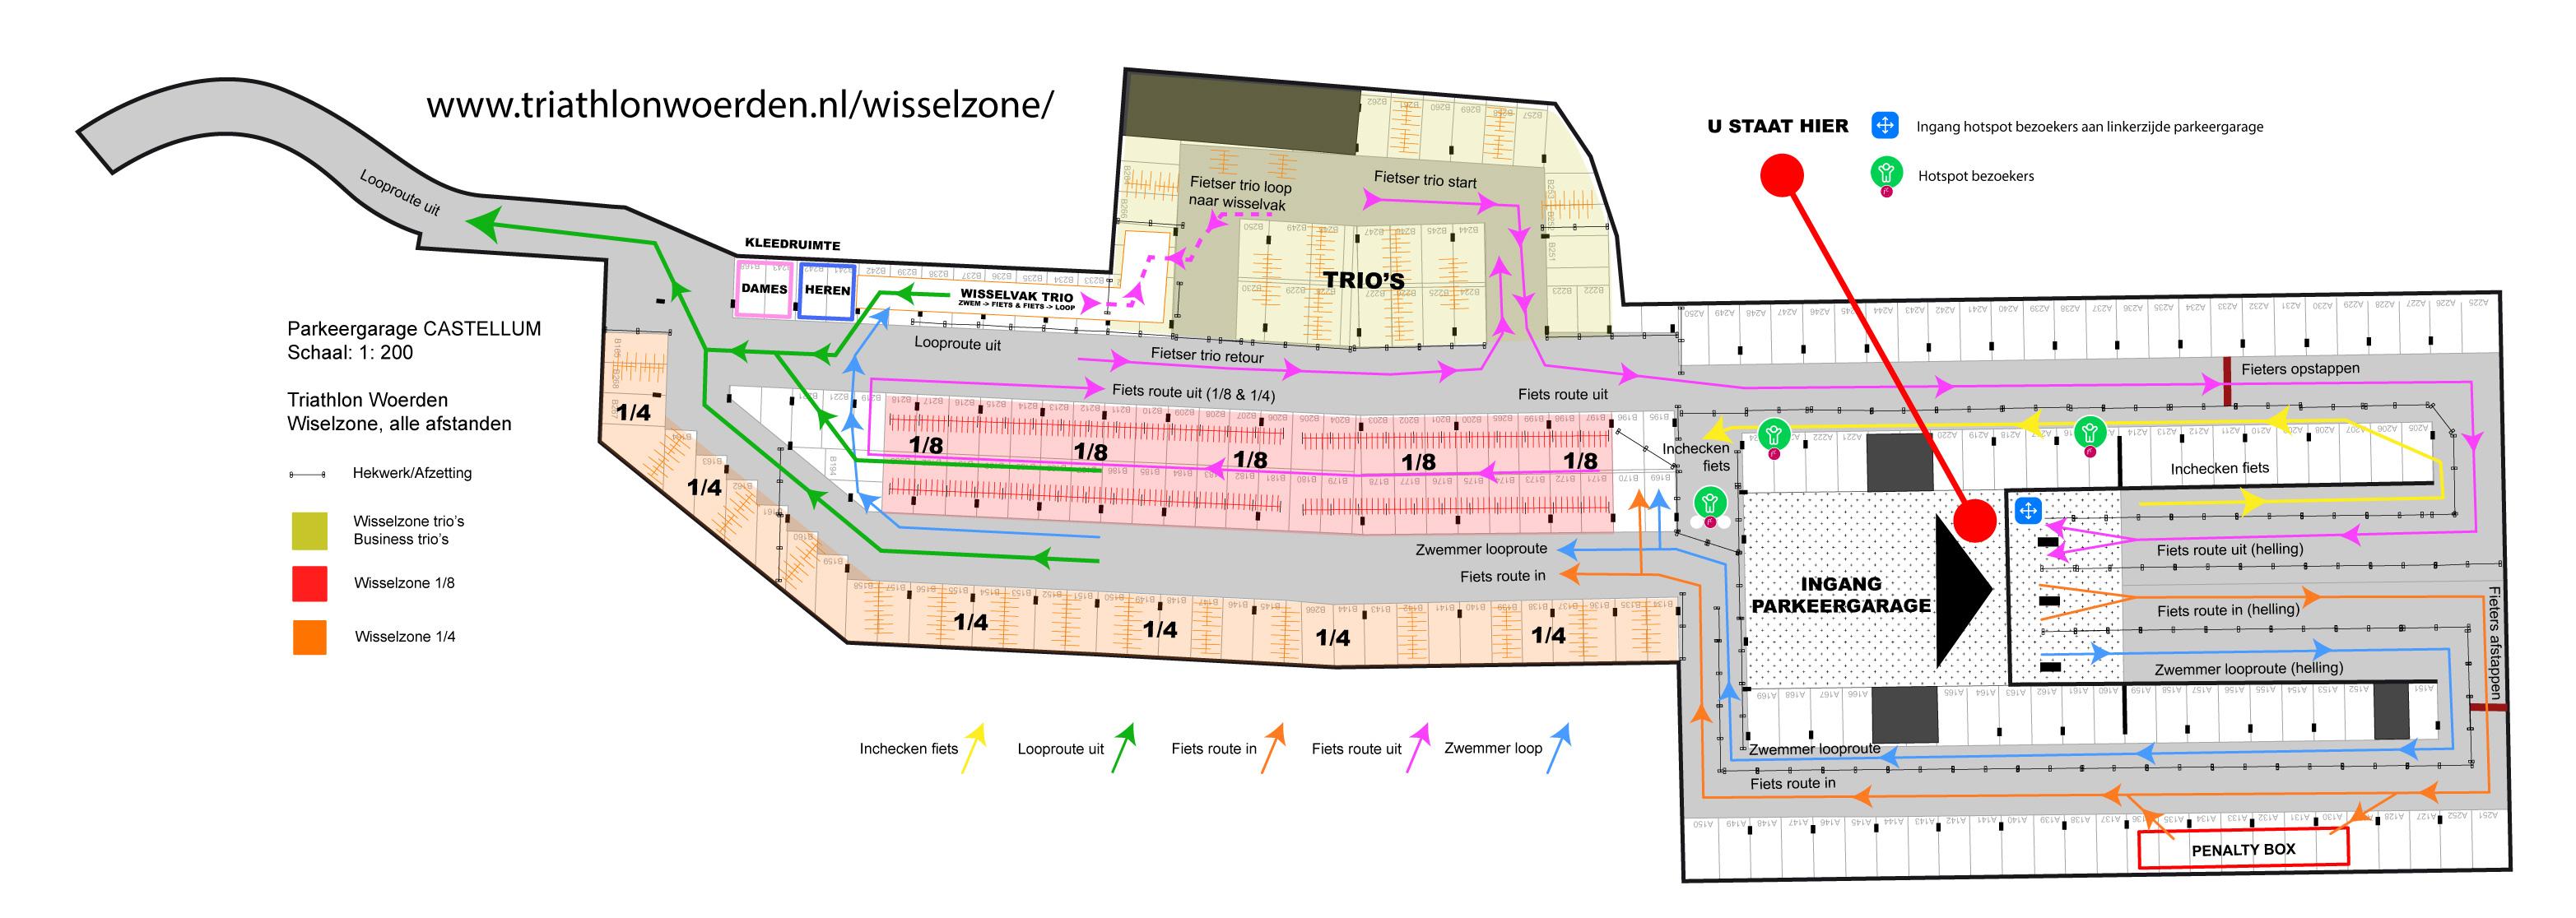 Wisselzone Parkeergarage Castellum